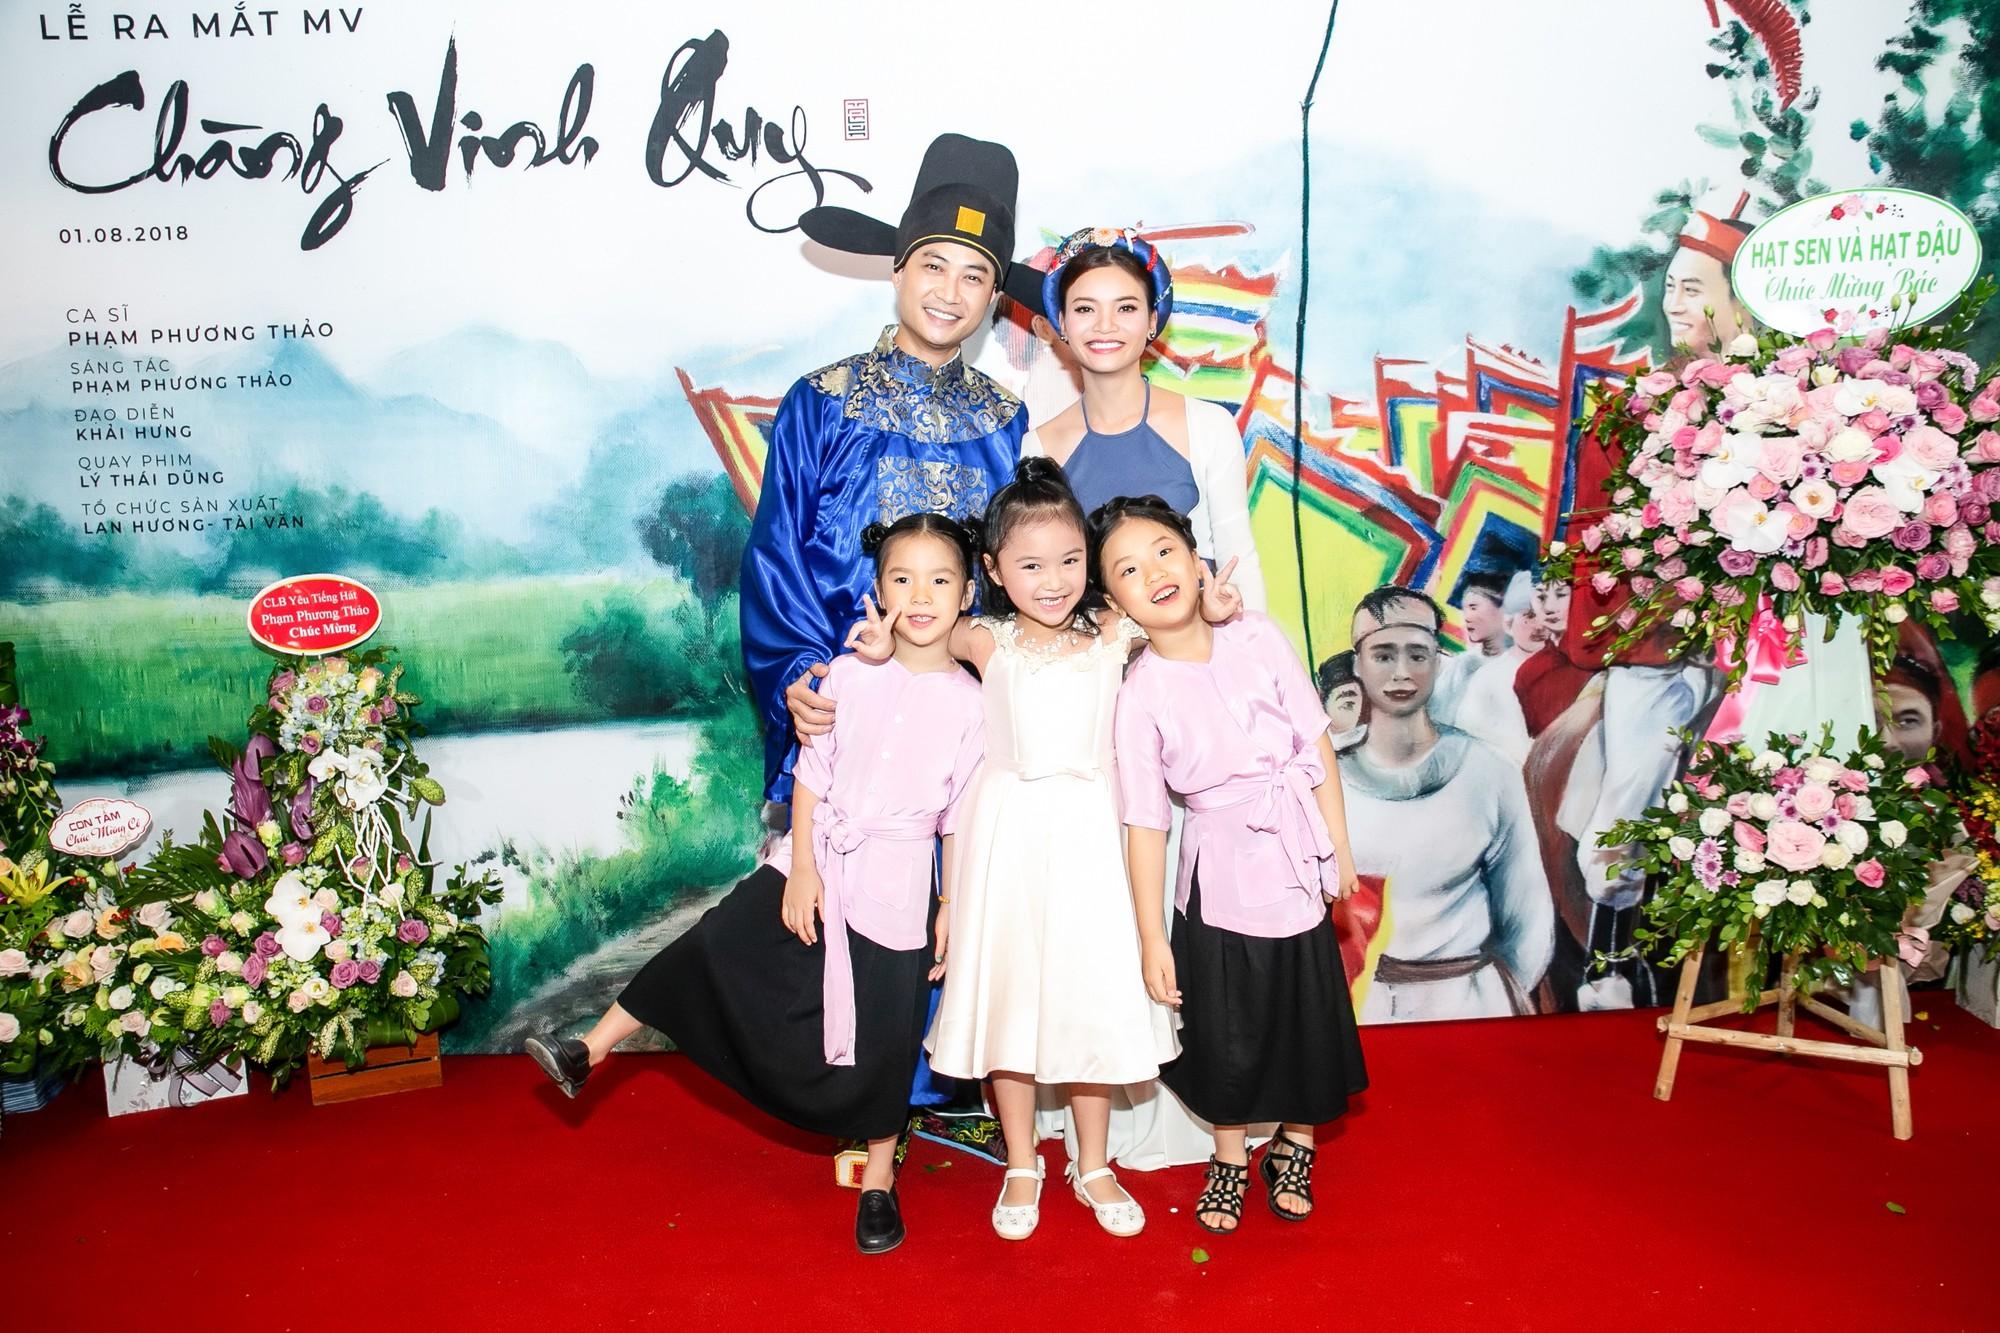 Ông bố điệu nhất của Bố ơi Tiến Lộc thừa nhận rung động trước đàn chị Phạm Phương Thảo - Ảnh 1.